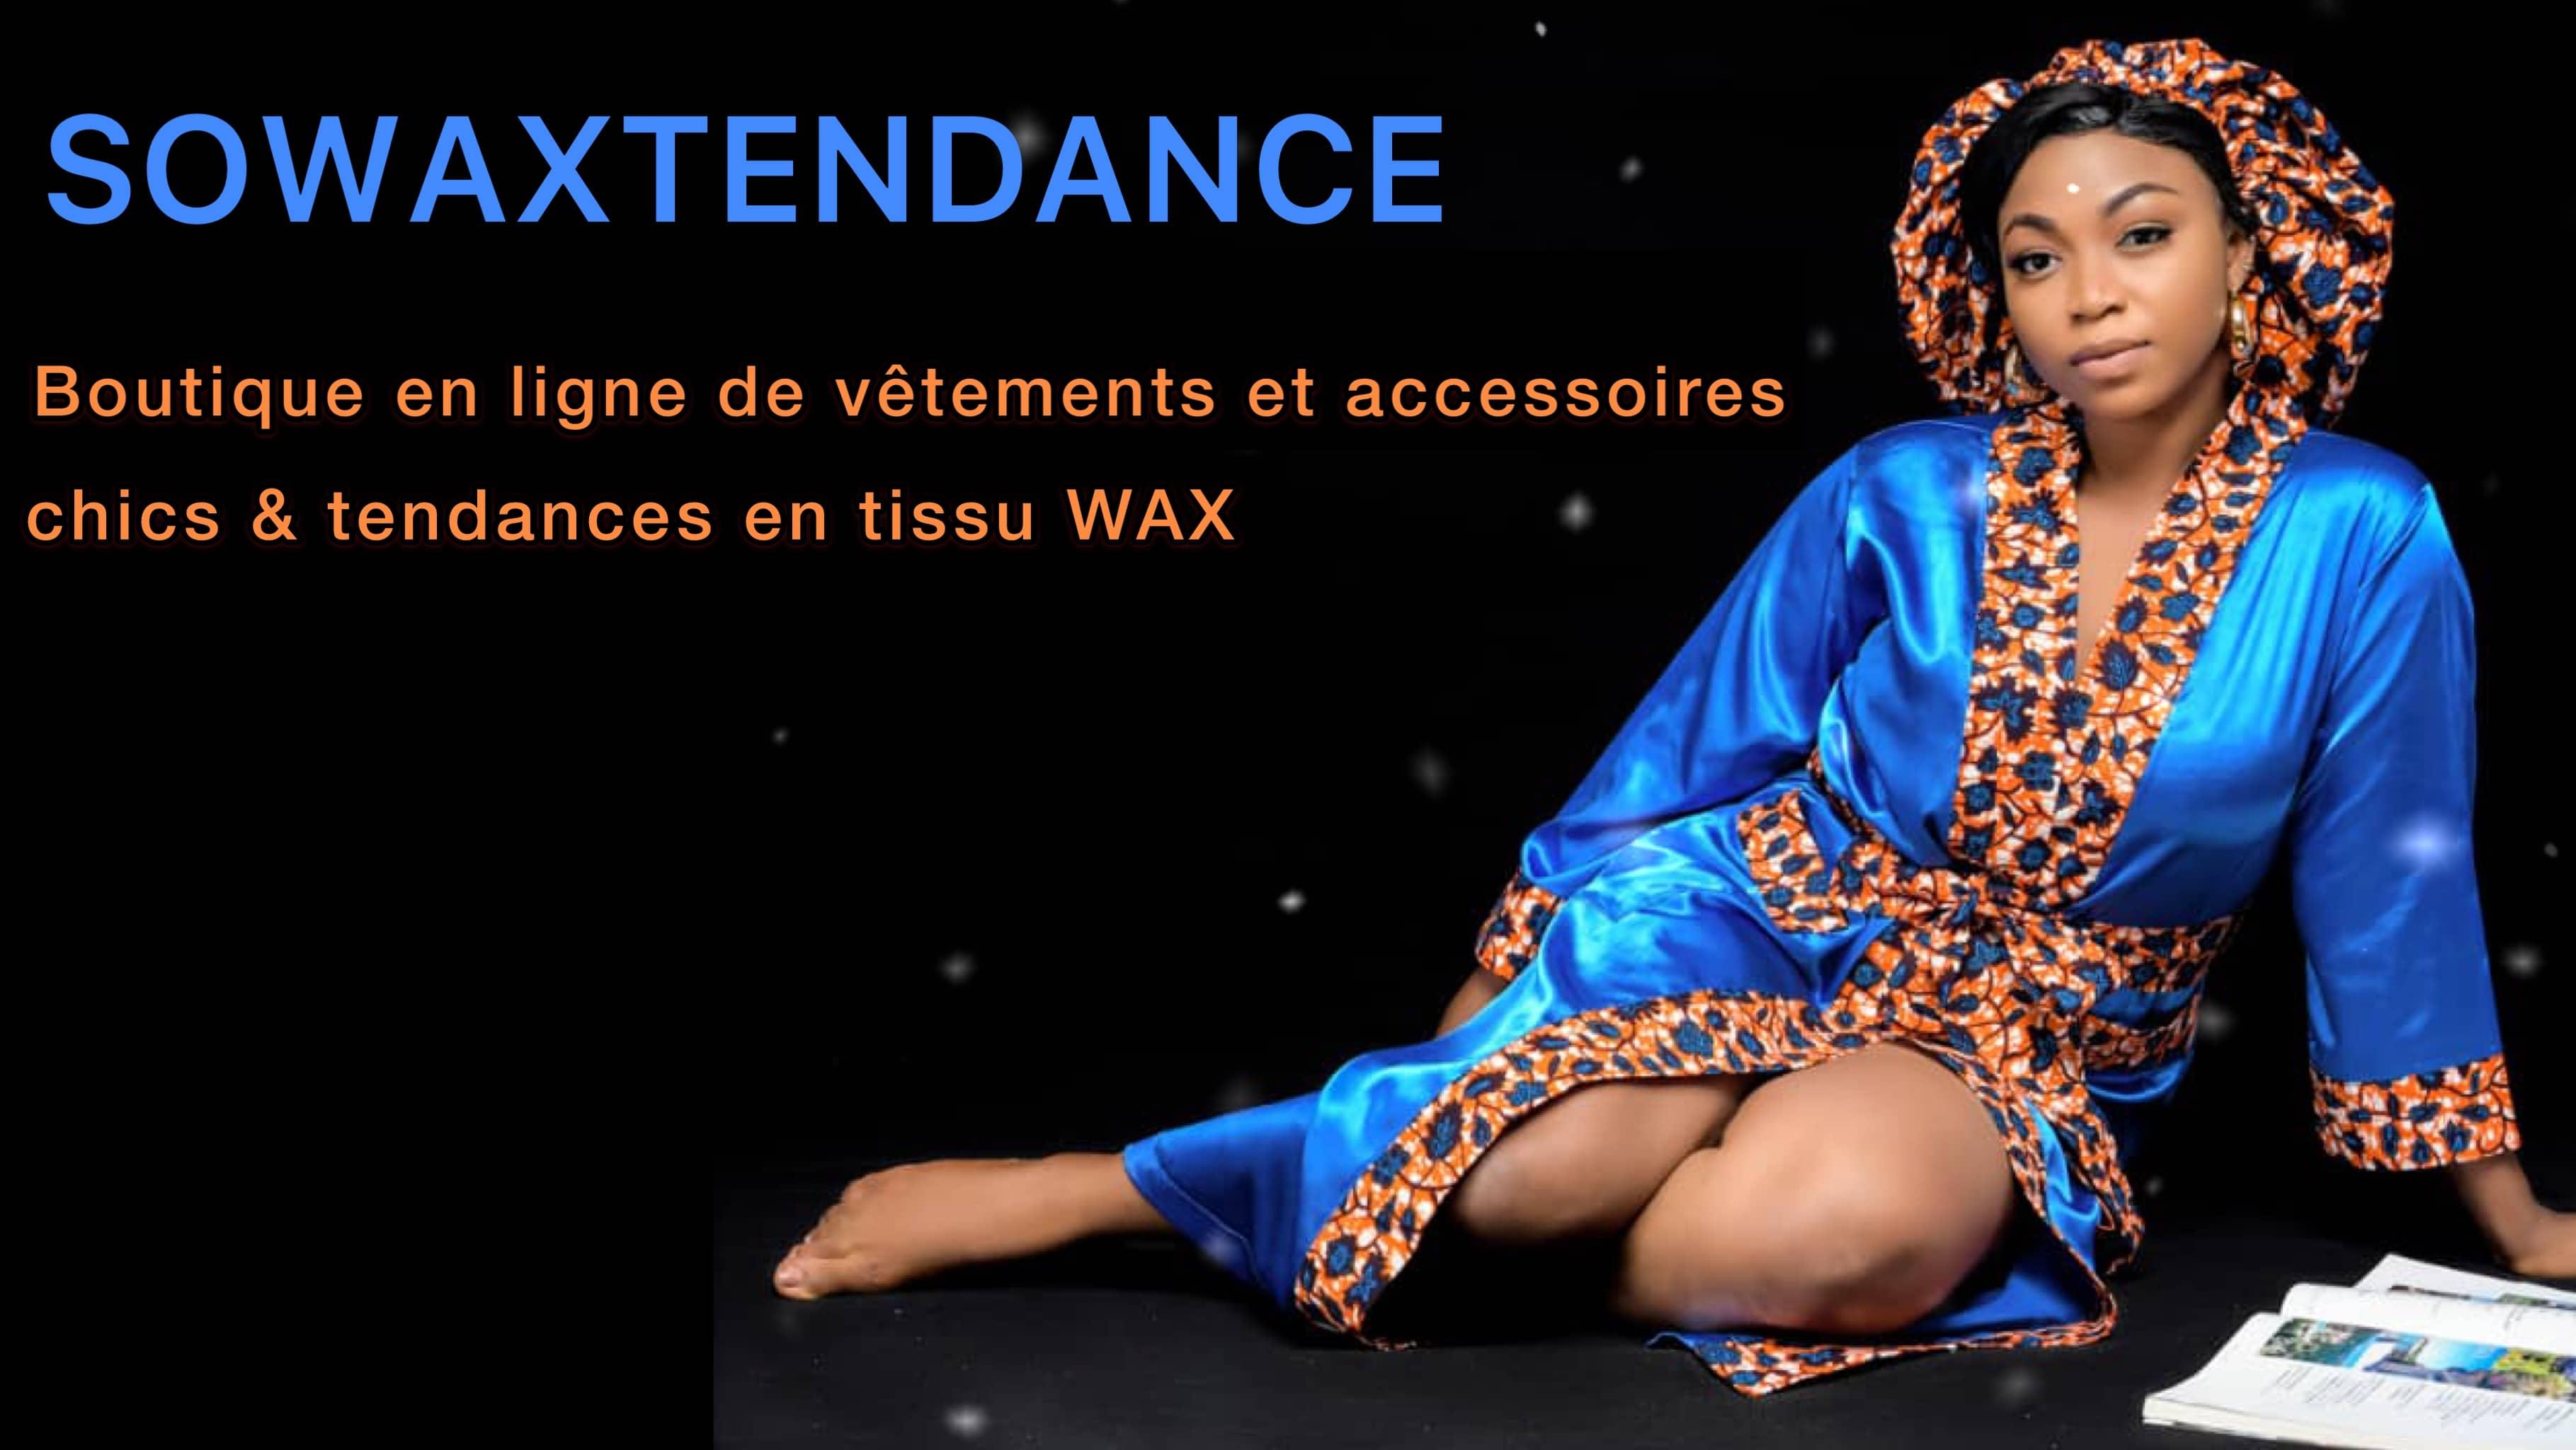 sowaxtendance-mode-africaine-vetement-wax